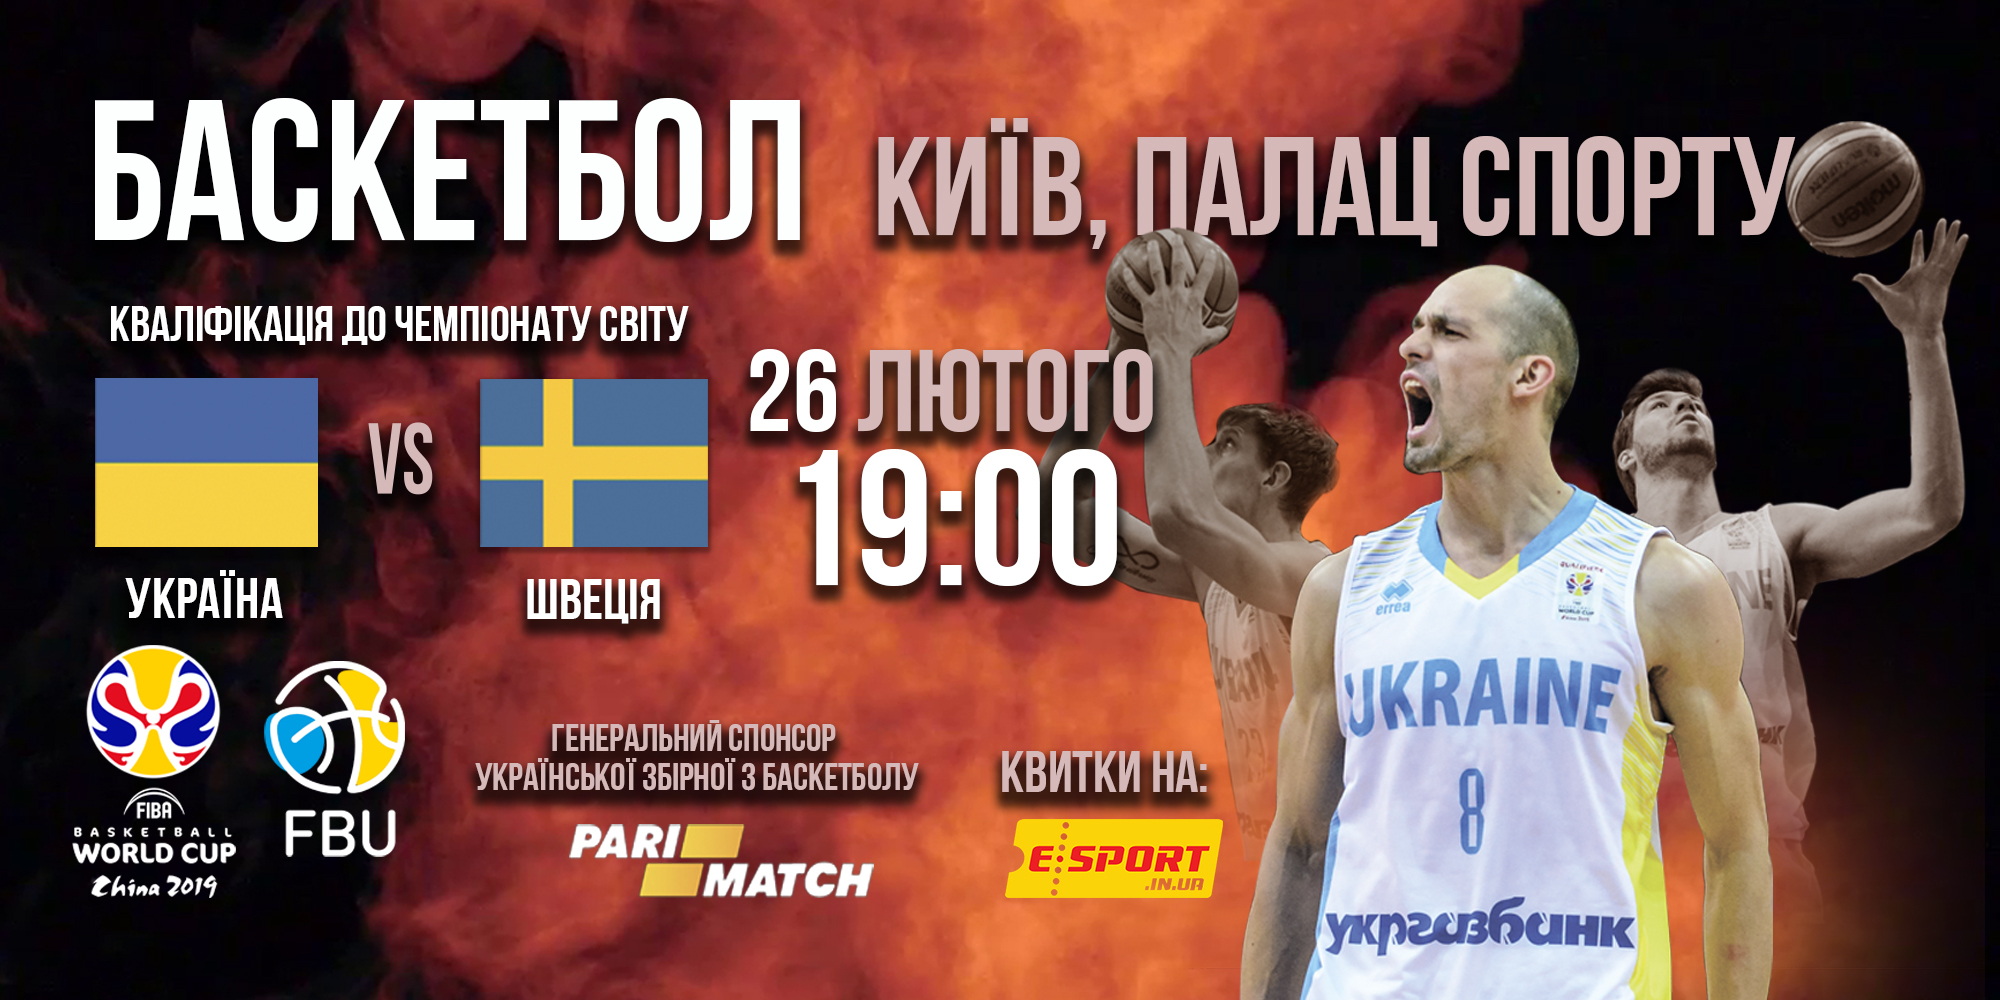 Увага! Великий попит на квитки до матчу Україна – Швеція